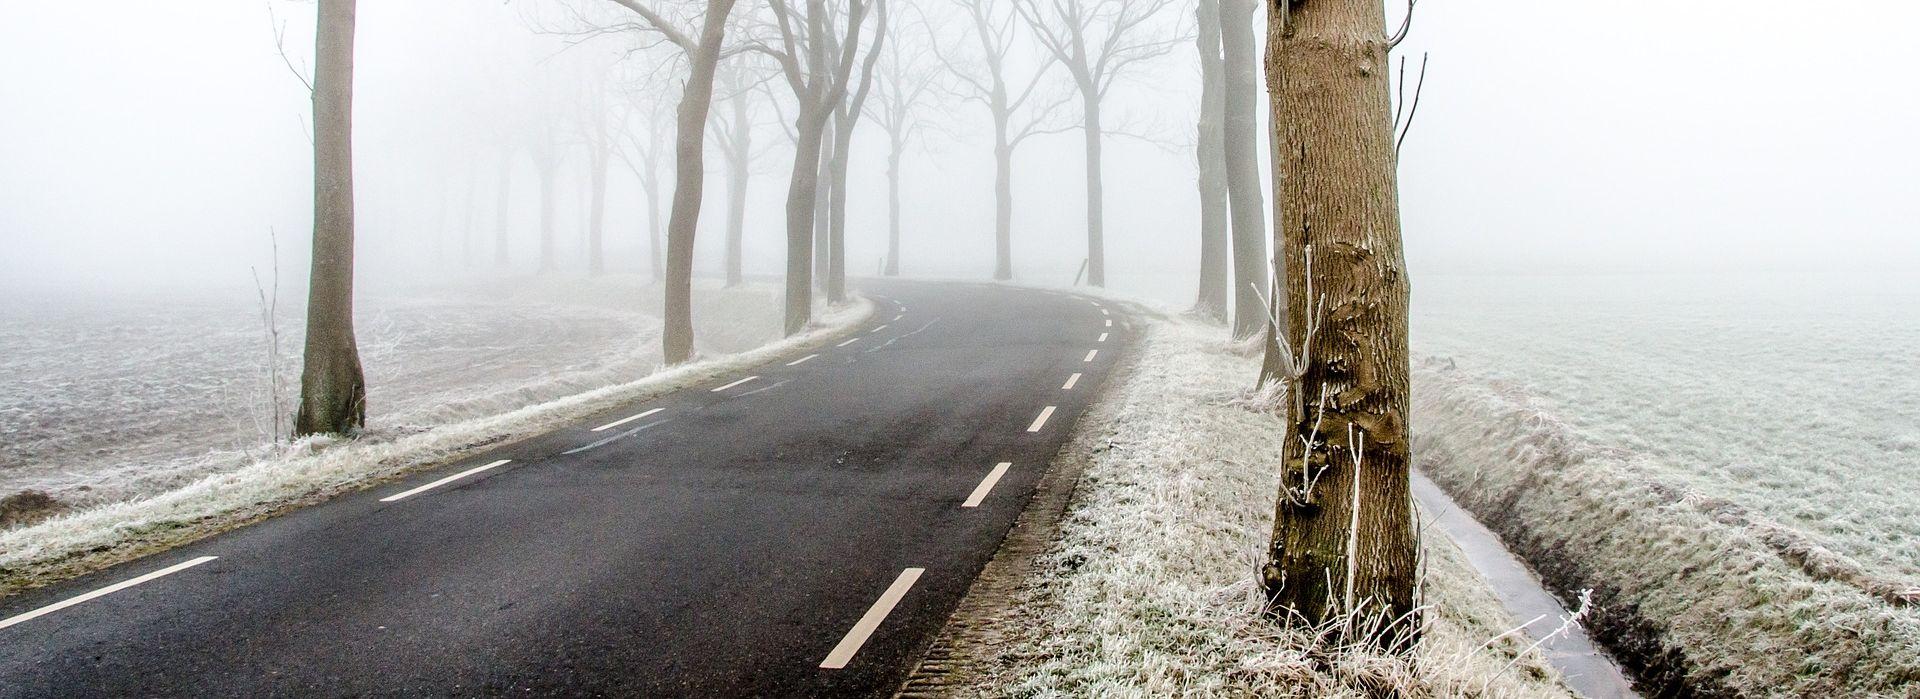 VOZAČI, OPREZ Gorski kotar i Lika pod snijegom, zimski uvjeti na cestama